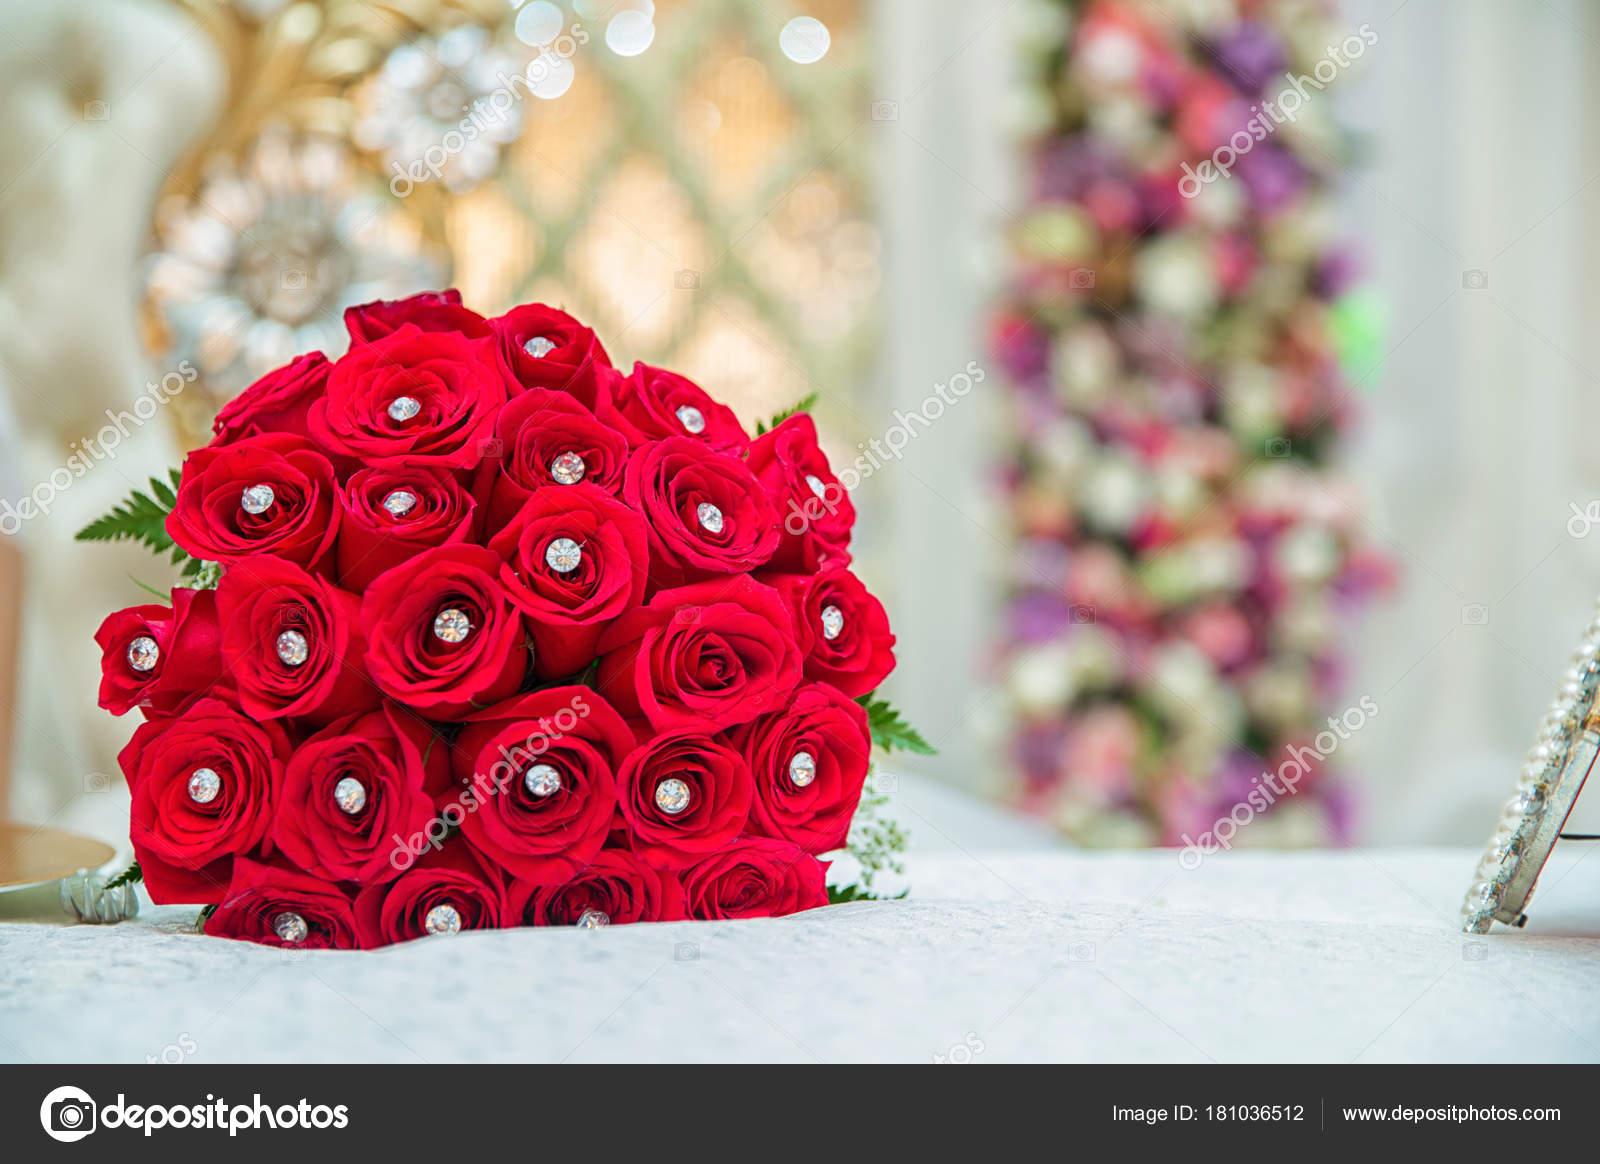 Rouge Bouquet De Roses Rouges Au Mariage Concept De La Saint